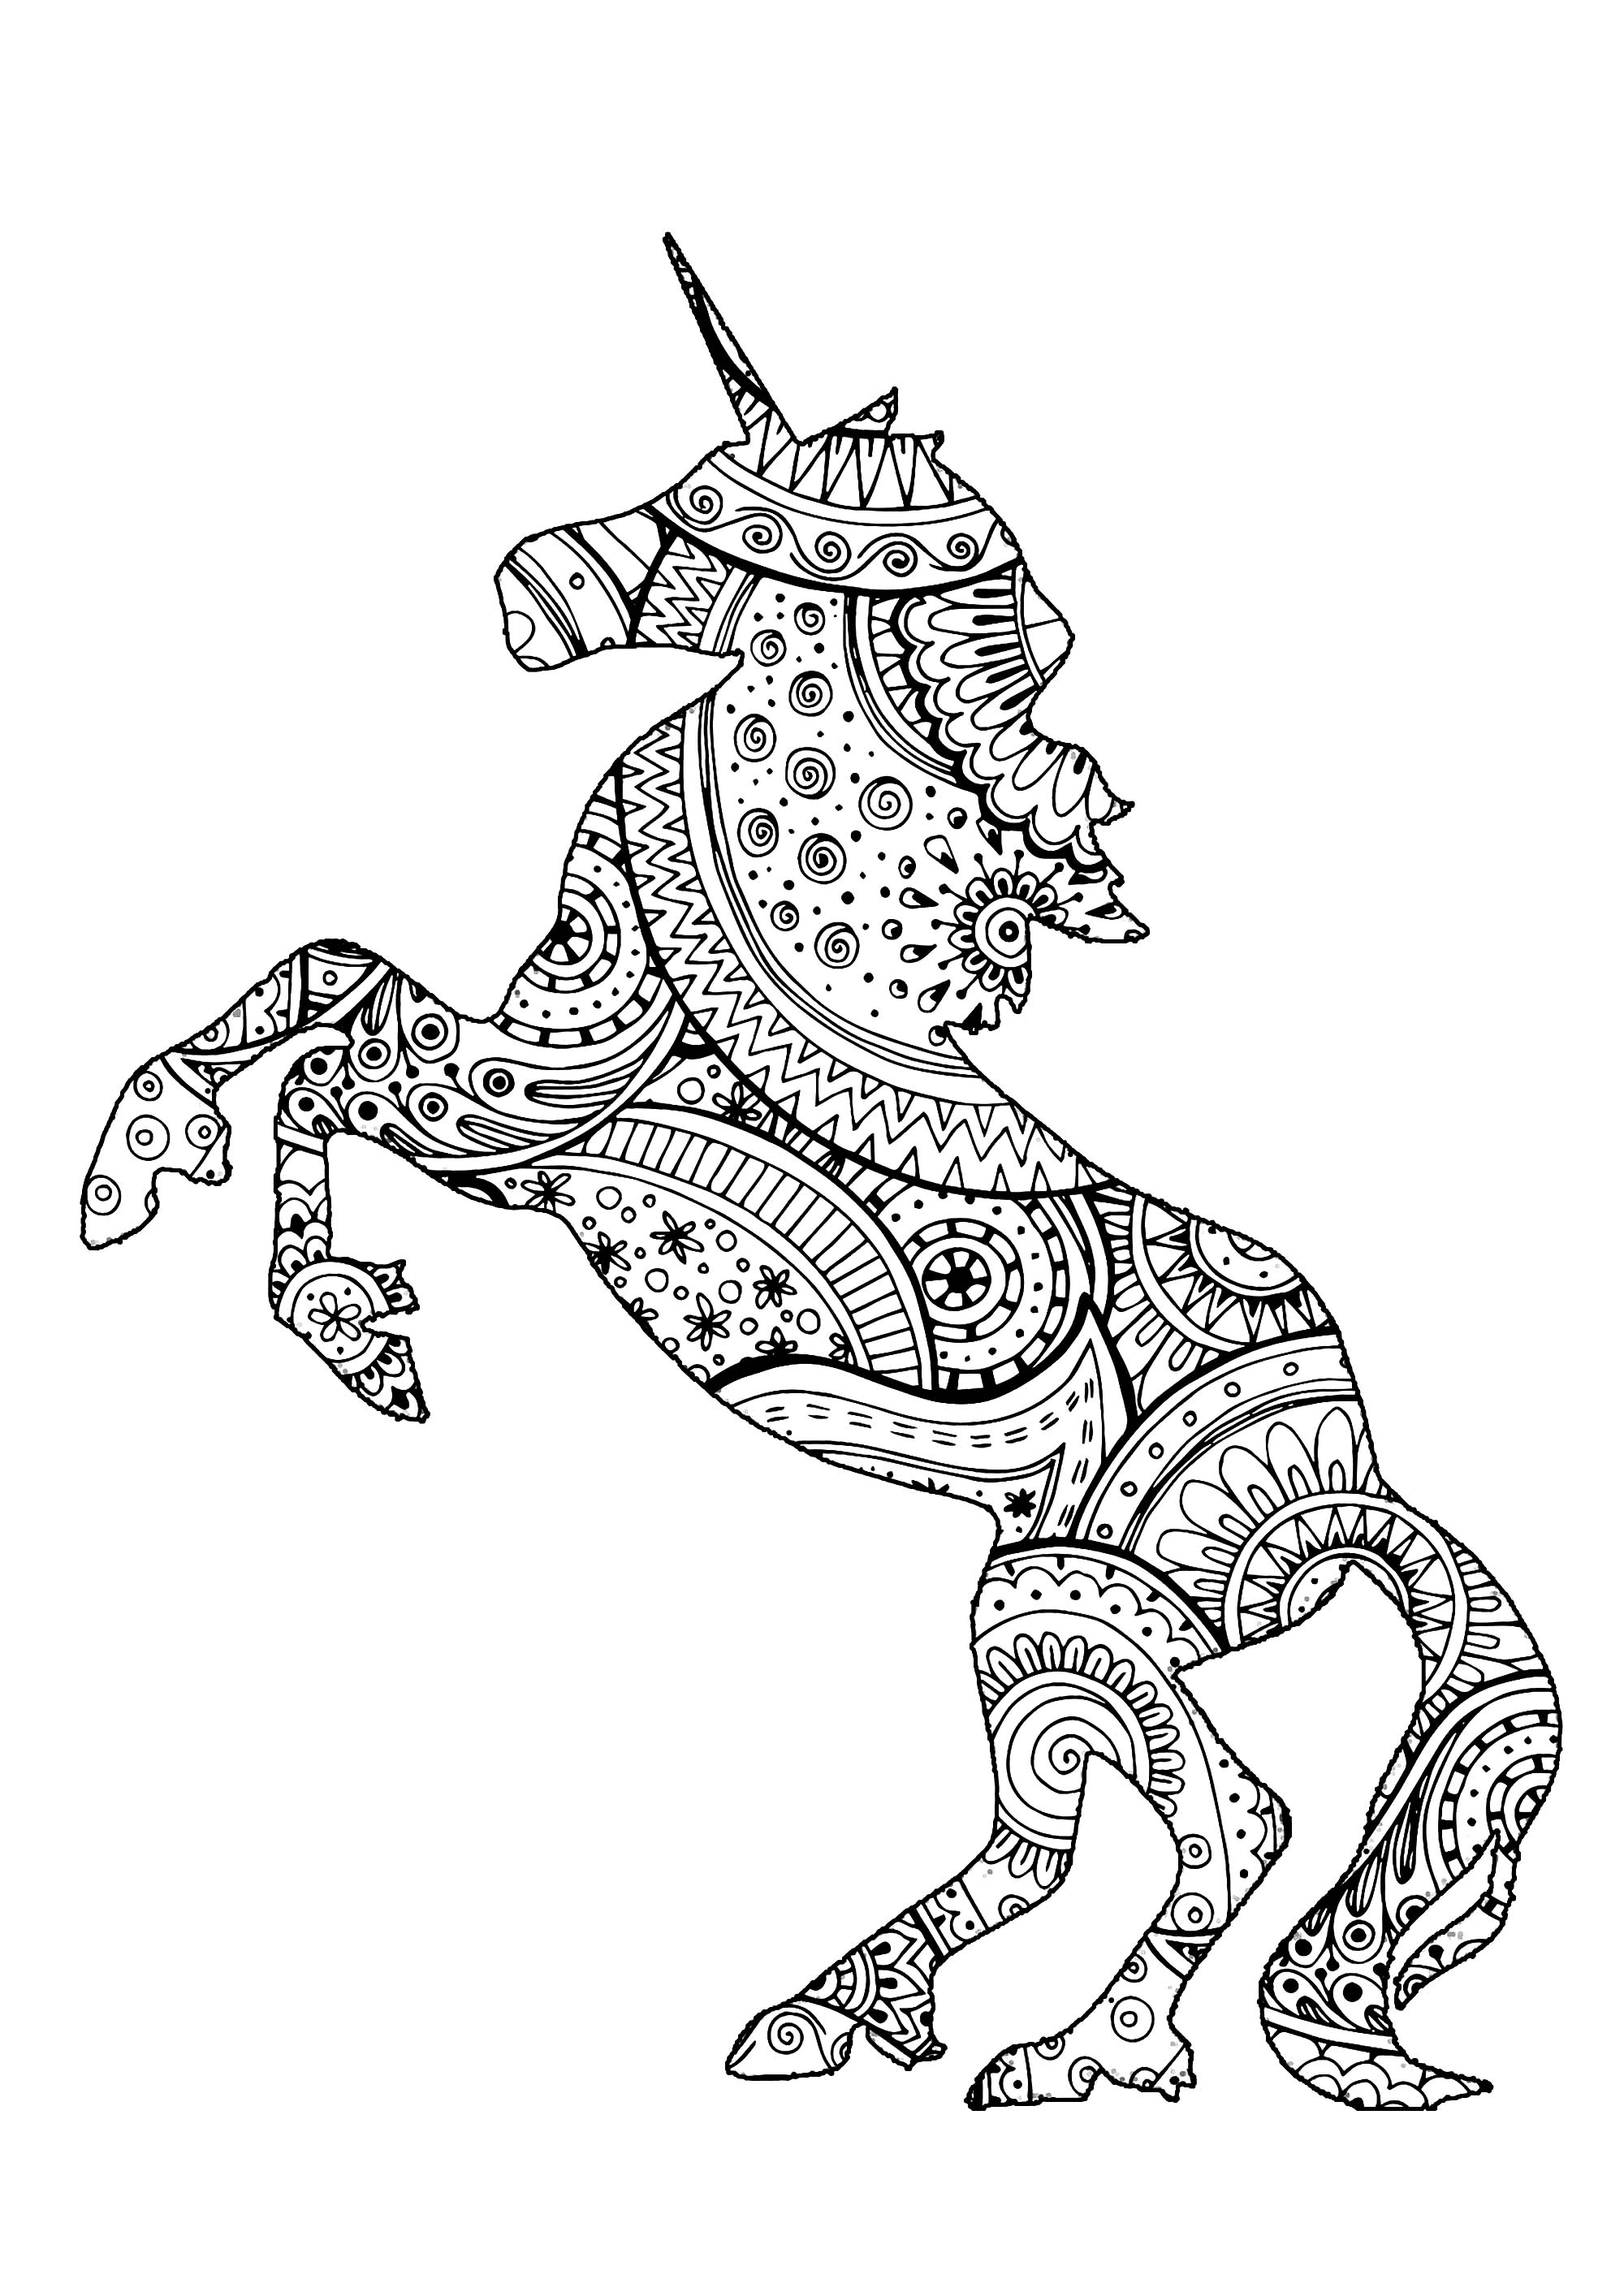 Superbe licorne avec motifs Zentangle et Paisley à colorier